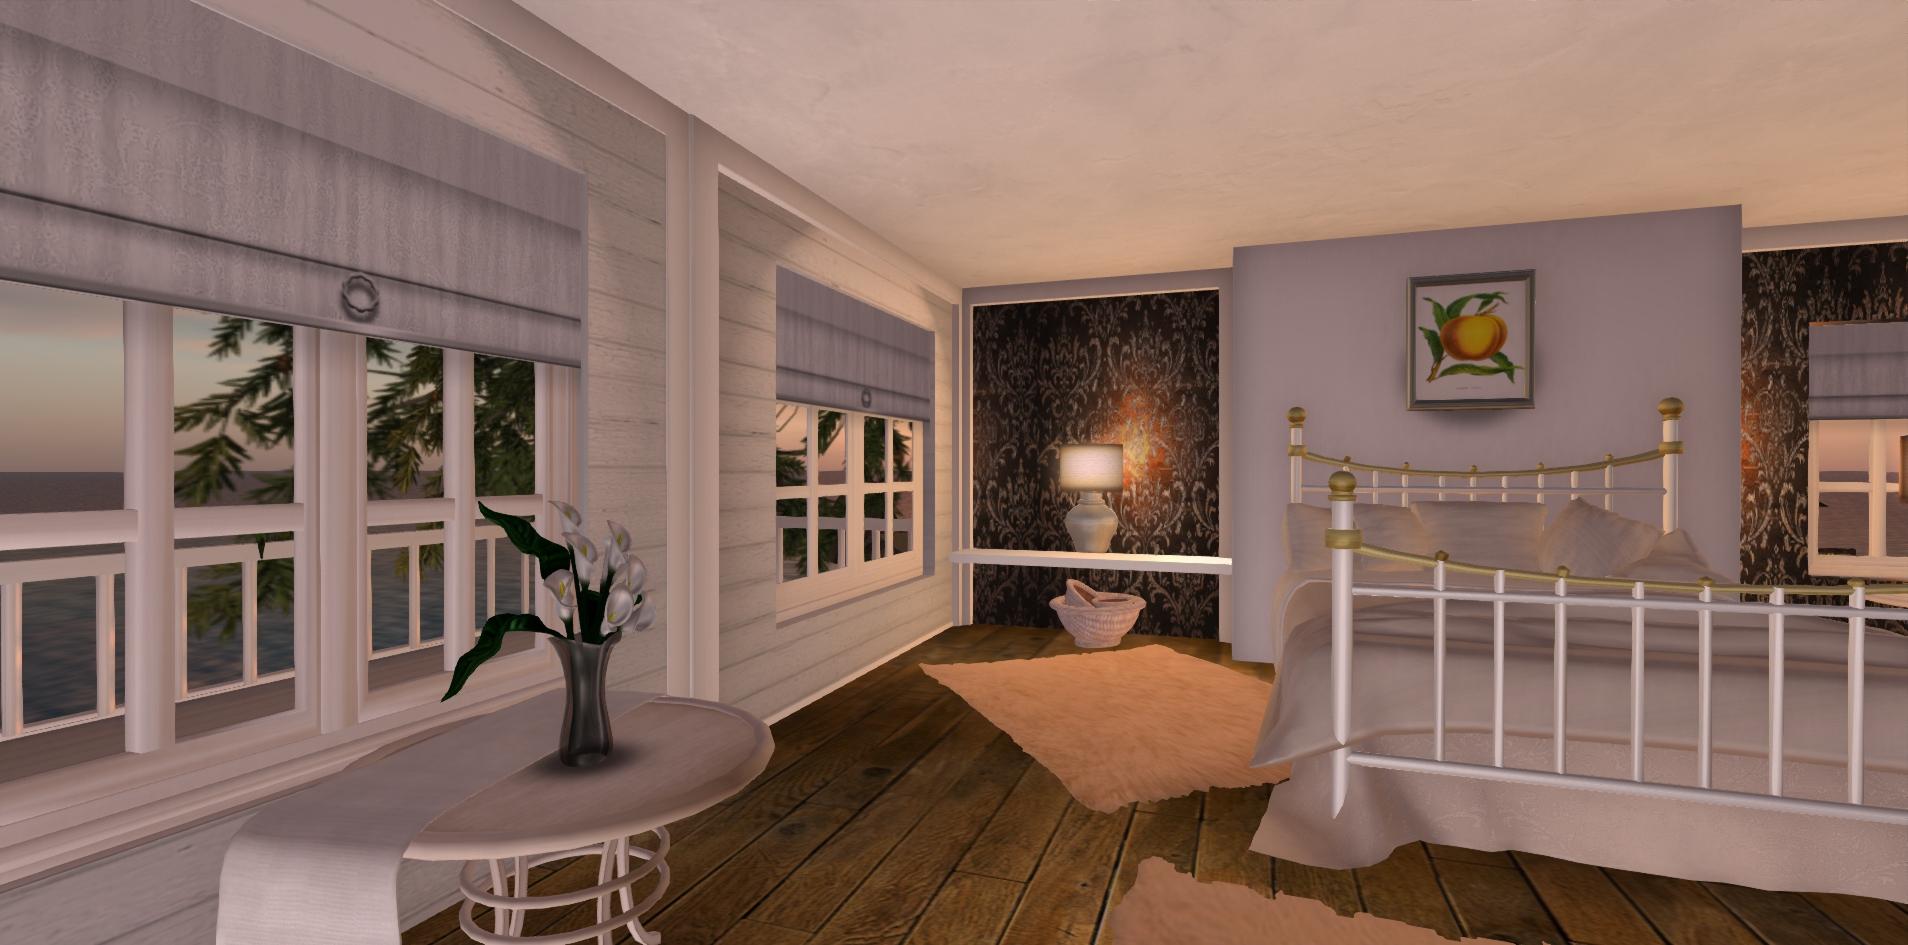 More Riverside Cottage Photos  moco homes emporium